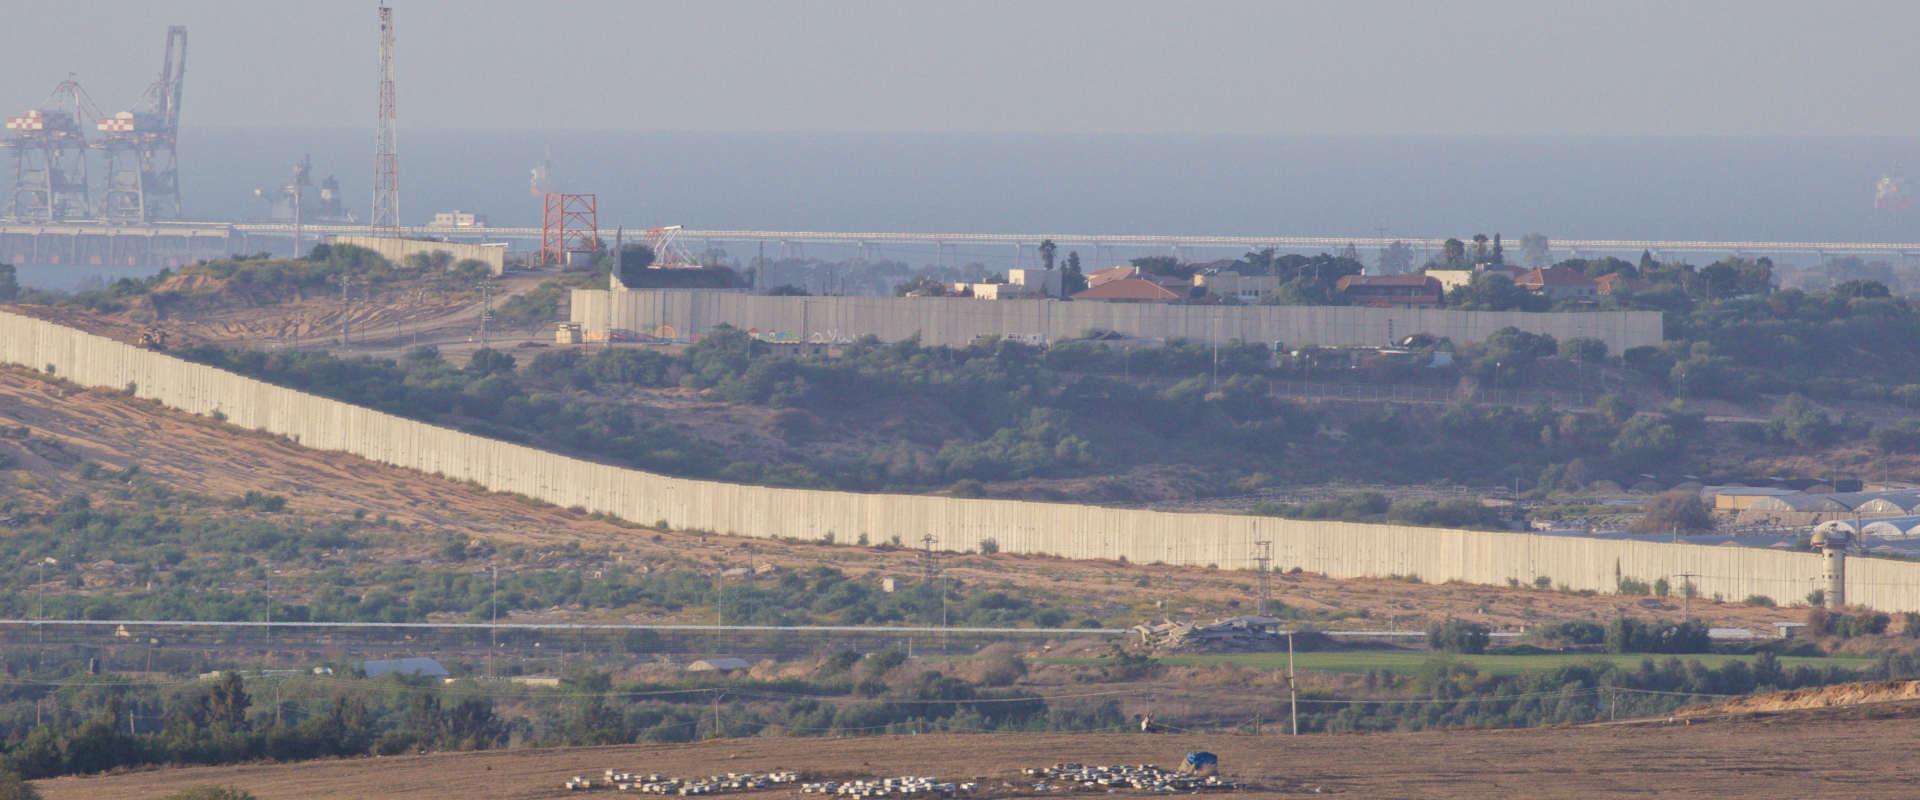 גבול ישראל-עזה